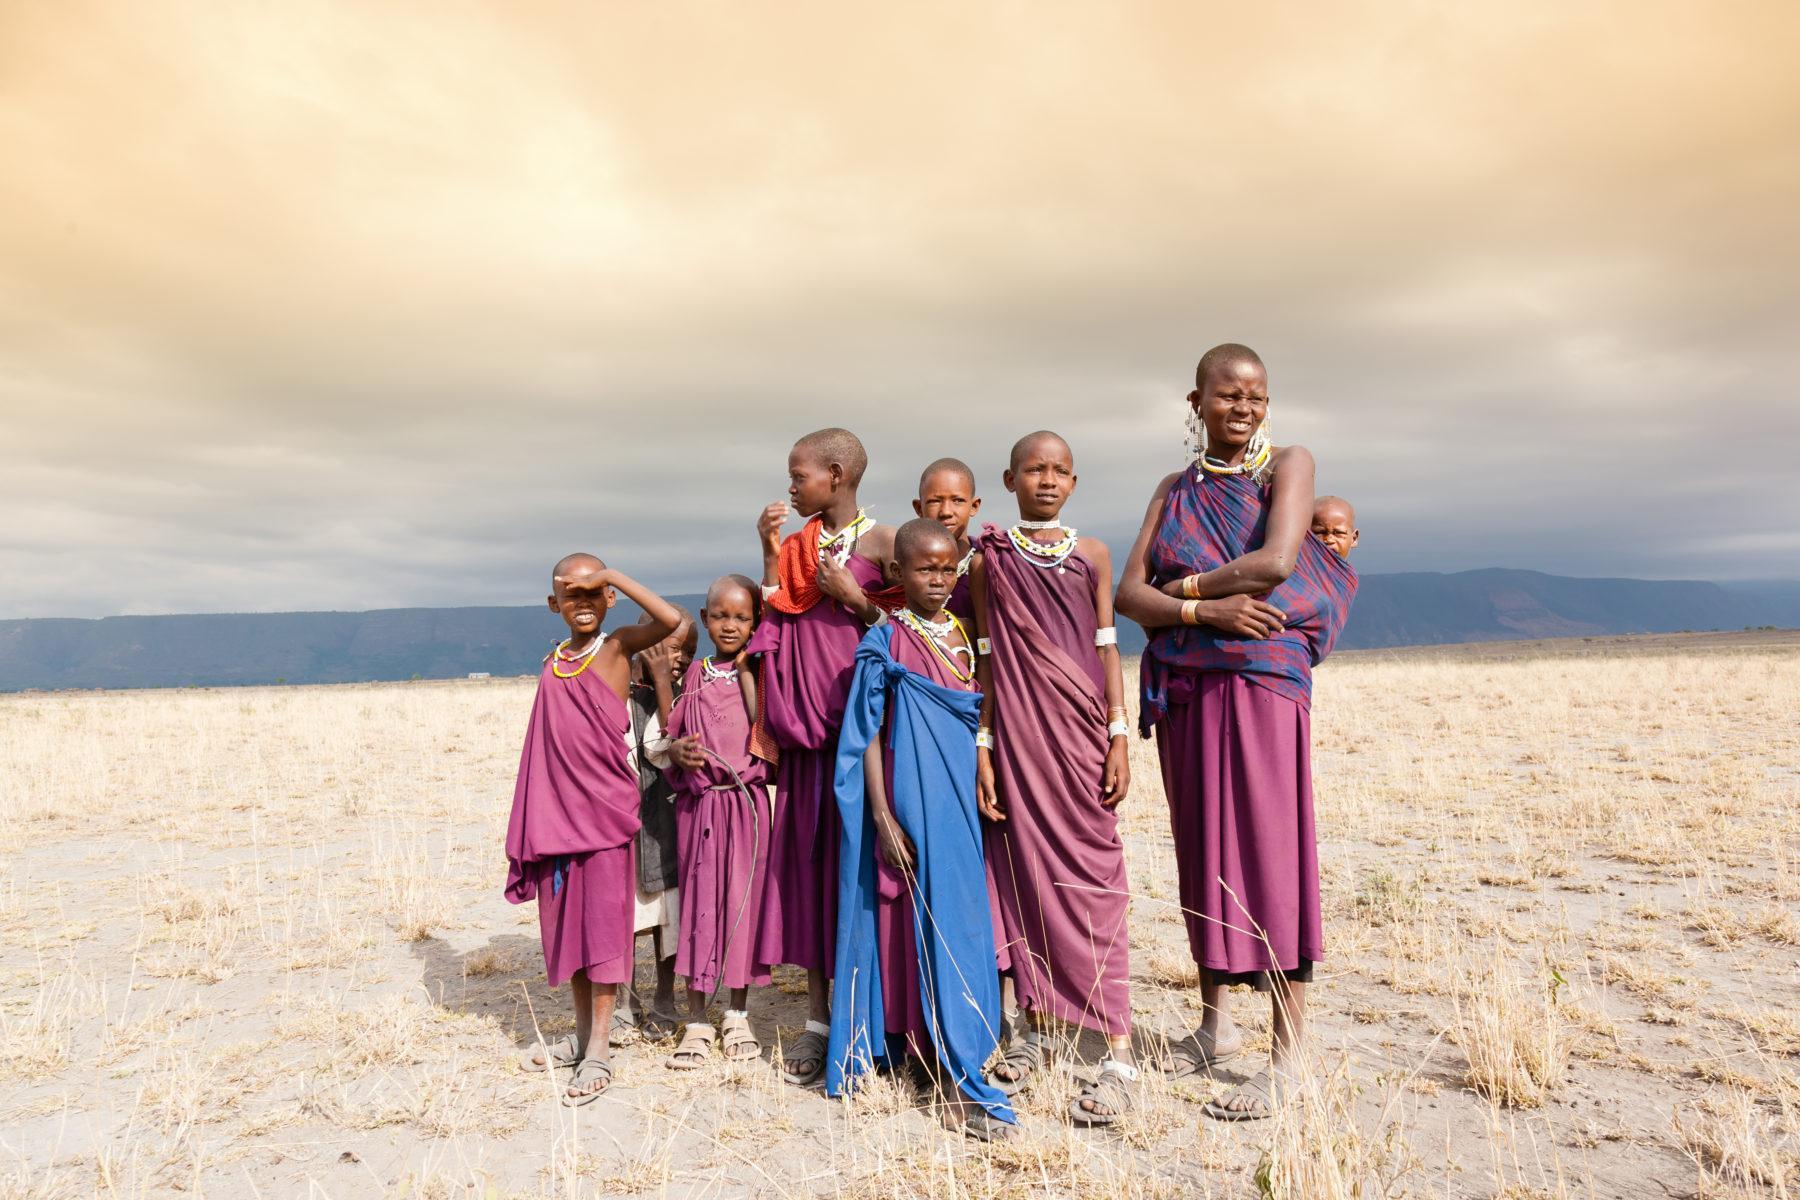 масаи культура танзания